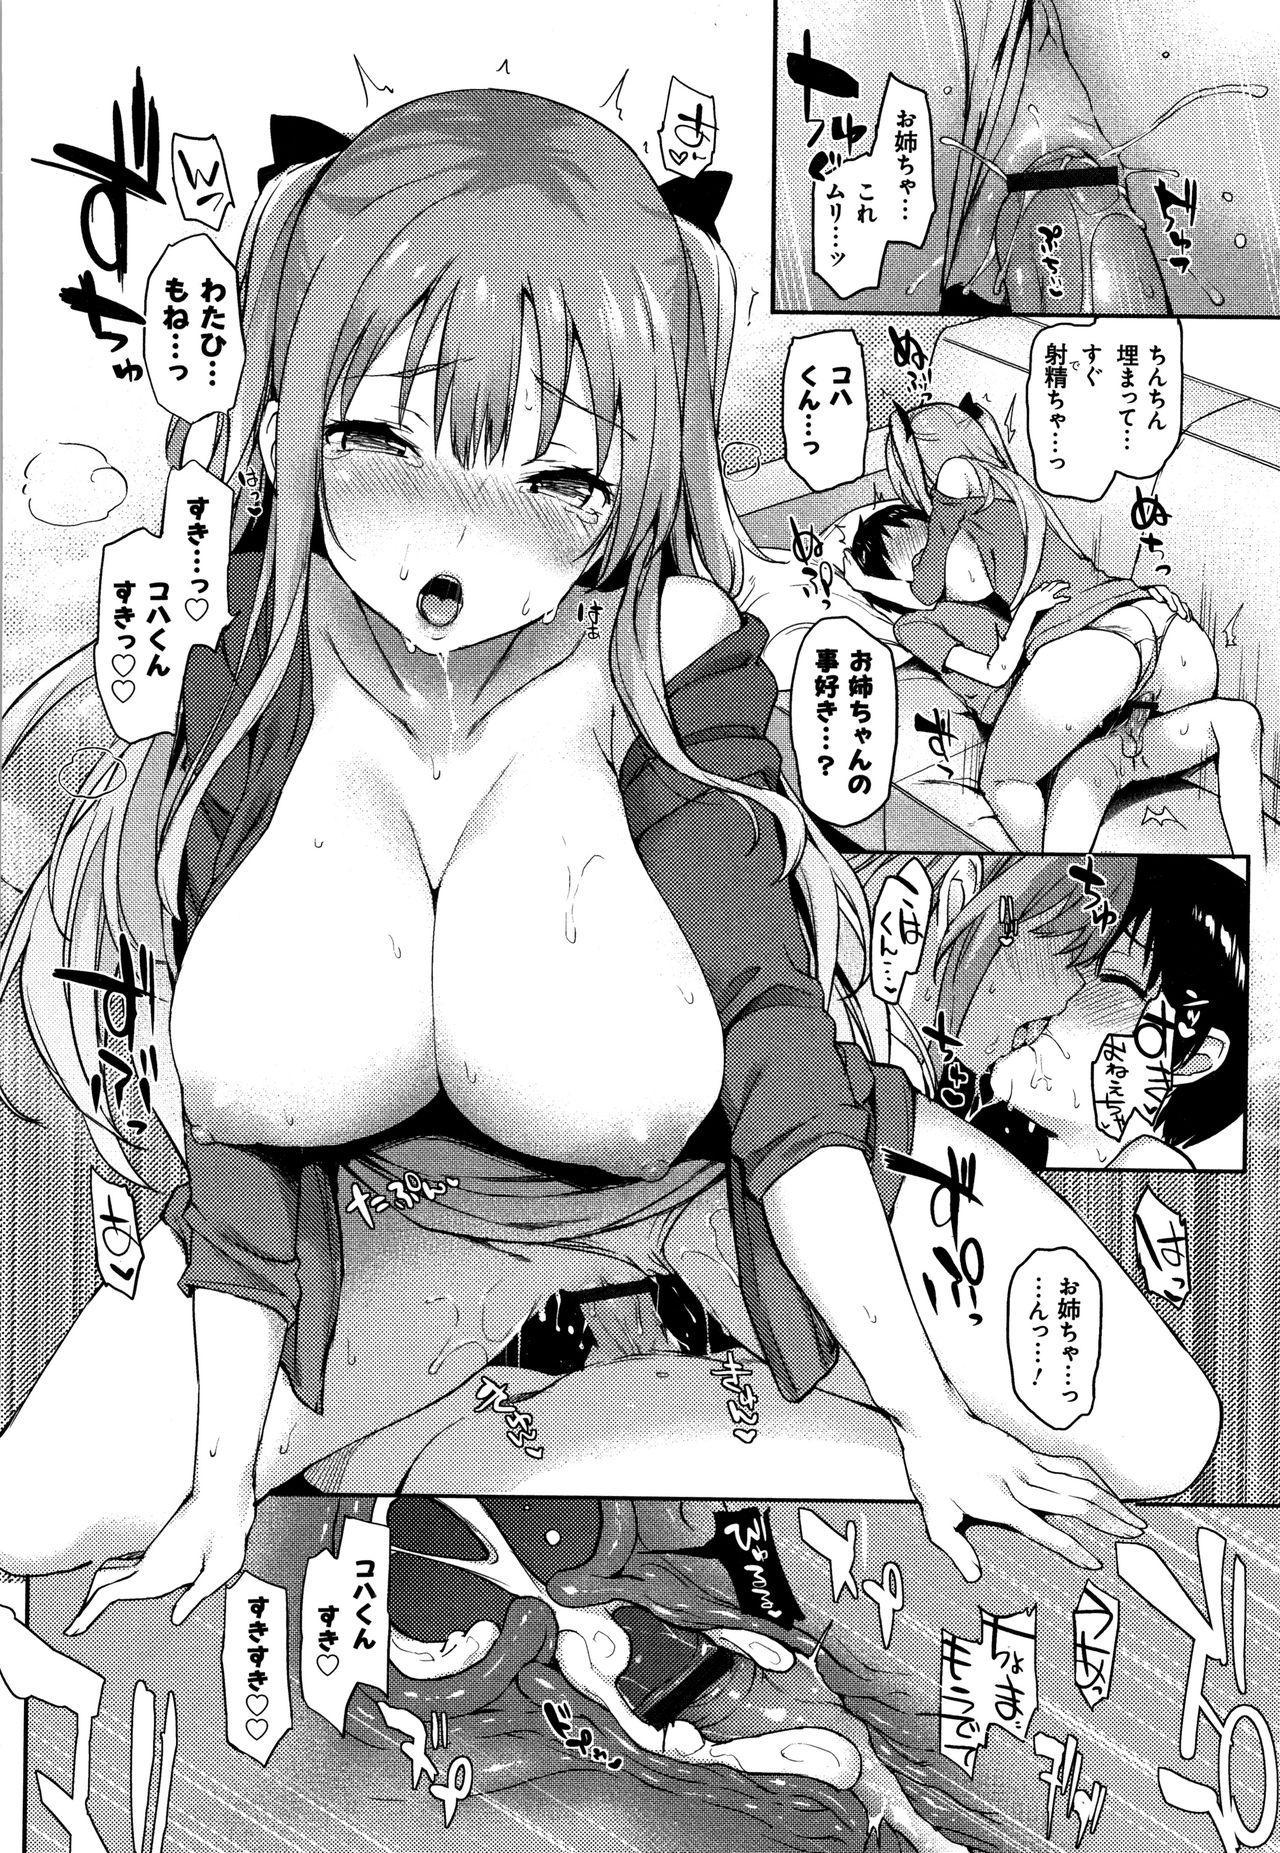 Seikatsu Shuukan 197